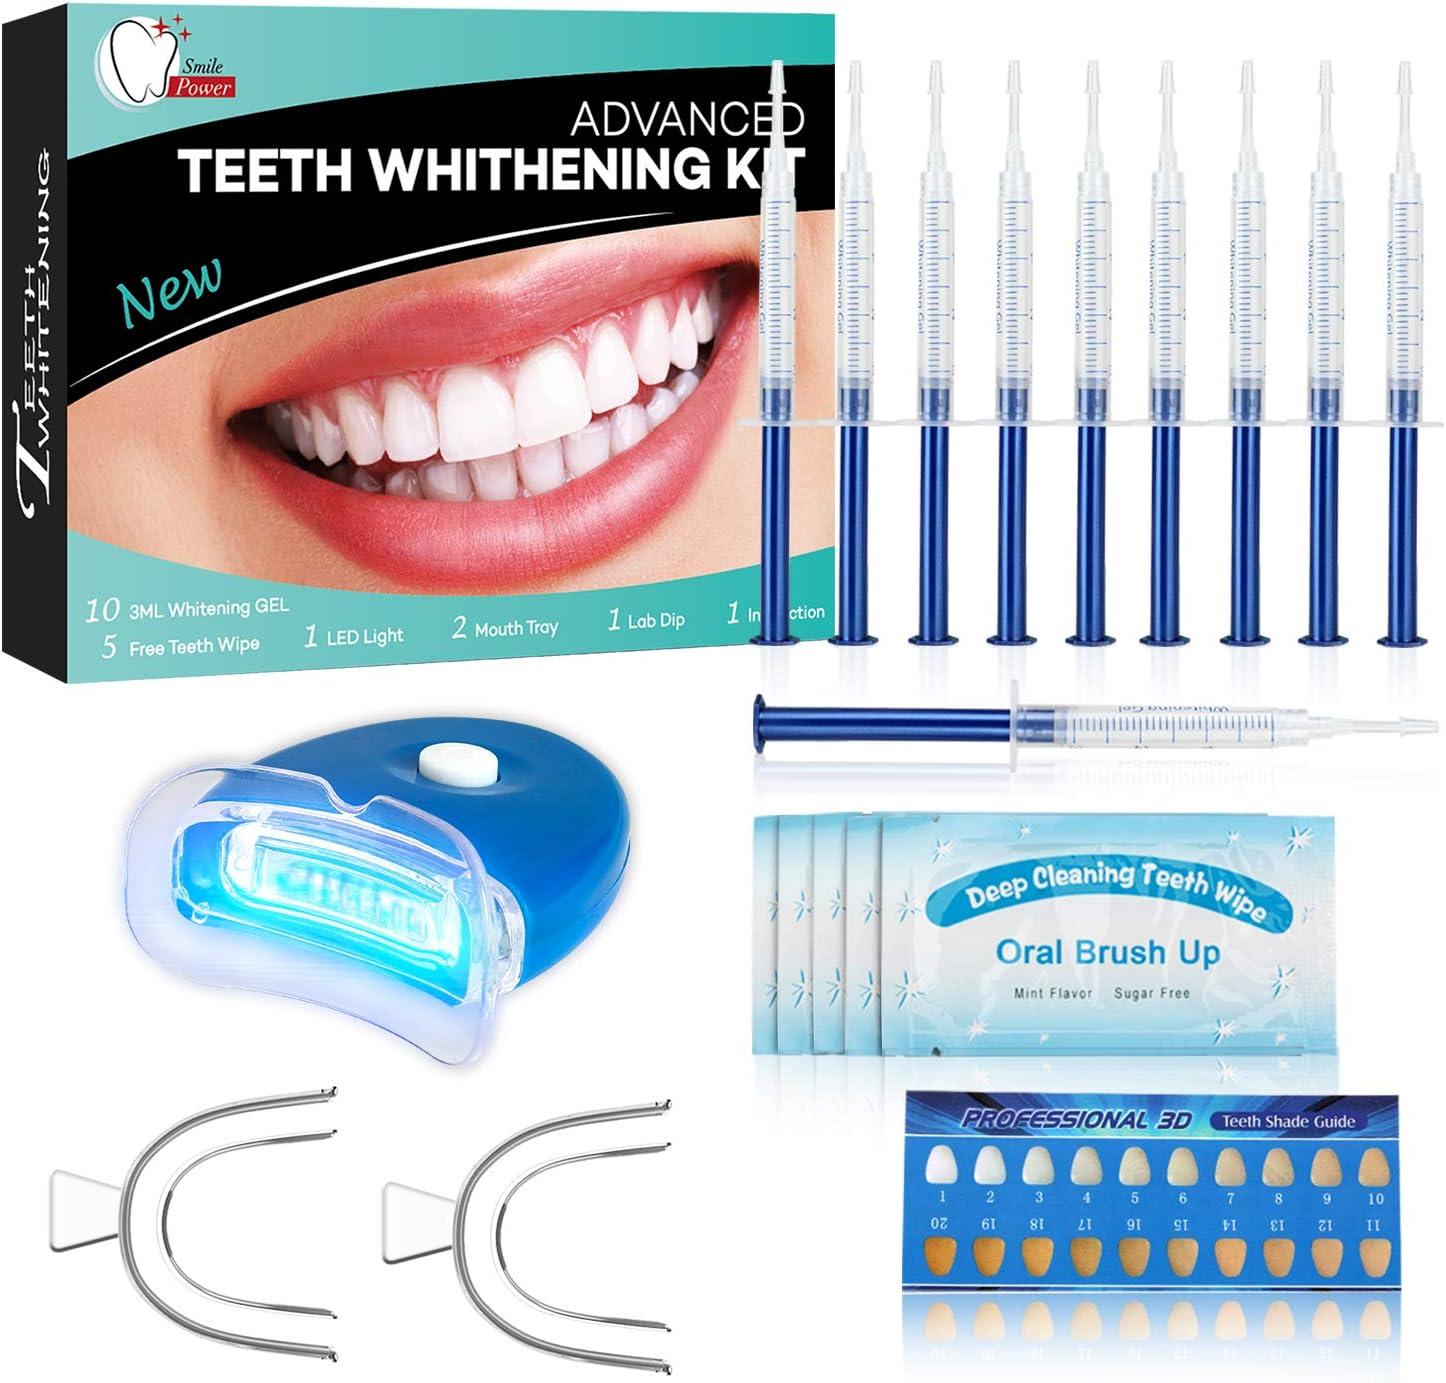 Kit de Blanqueamiento Dental Profesional Blanqueador Dientes Gel,Contra Dientes Amarillos, Manchas de Humo, Dientes Negros-10x3ML Gel, 1x Luz LED, 2x Bandeja Dental